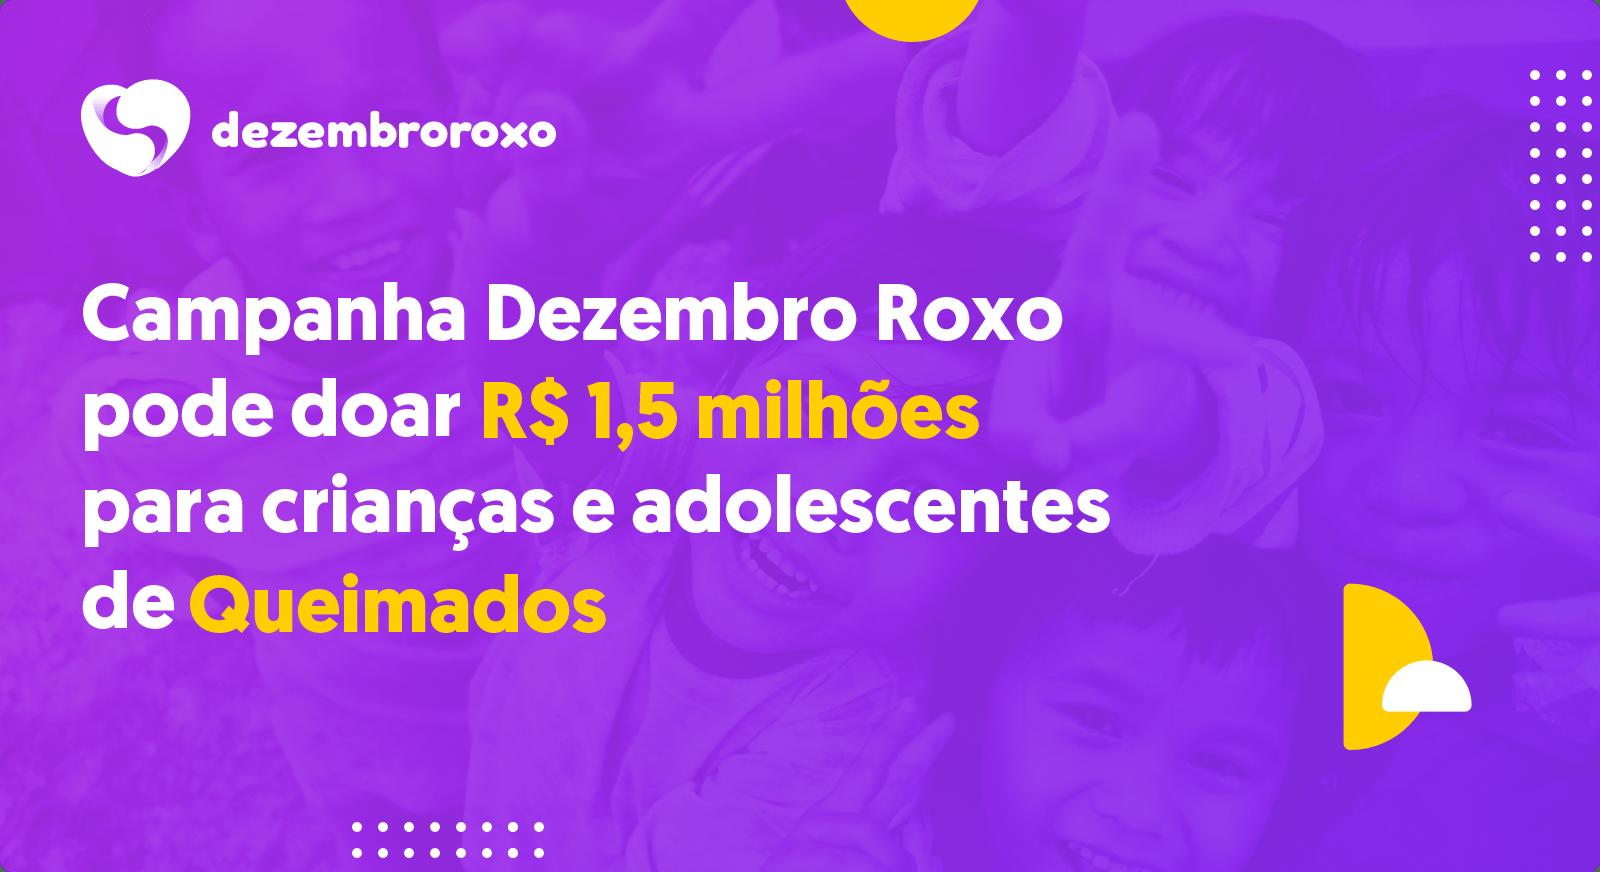 Doações em Queimados - RJ